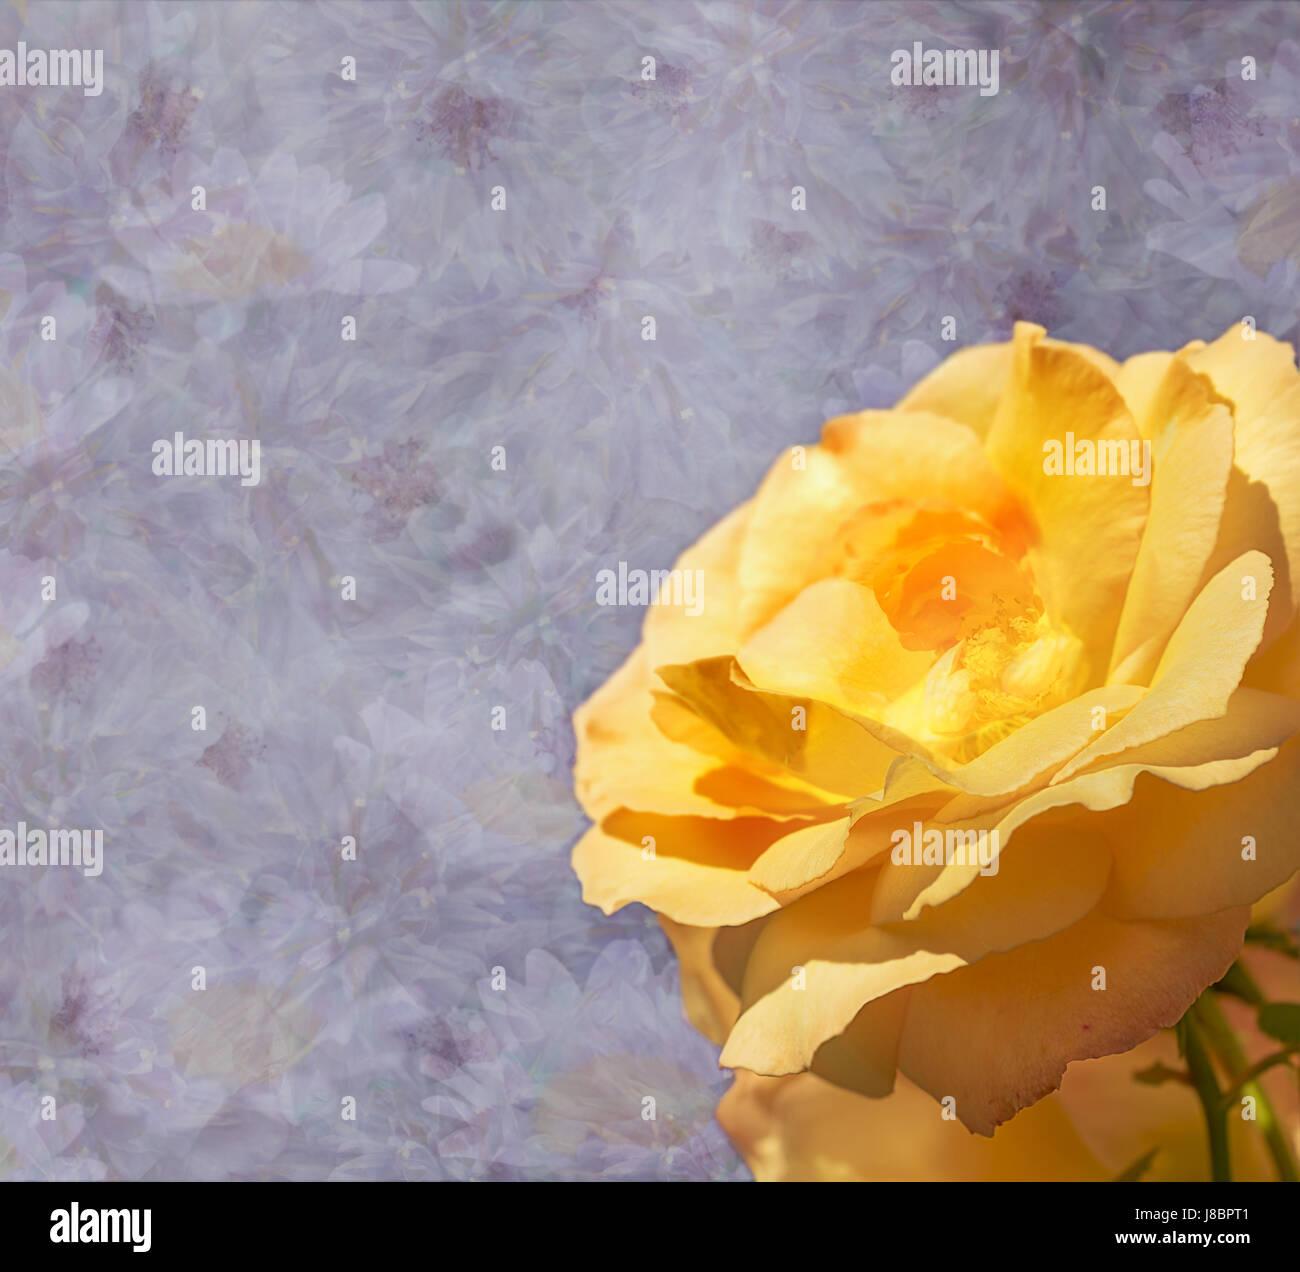 Viola lilla simpatia floreali condoglianze card con rosa gialla sfondo floreale Immagini Stock